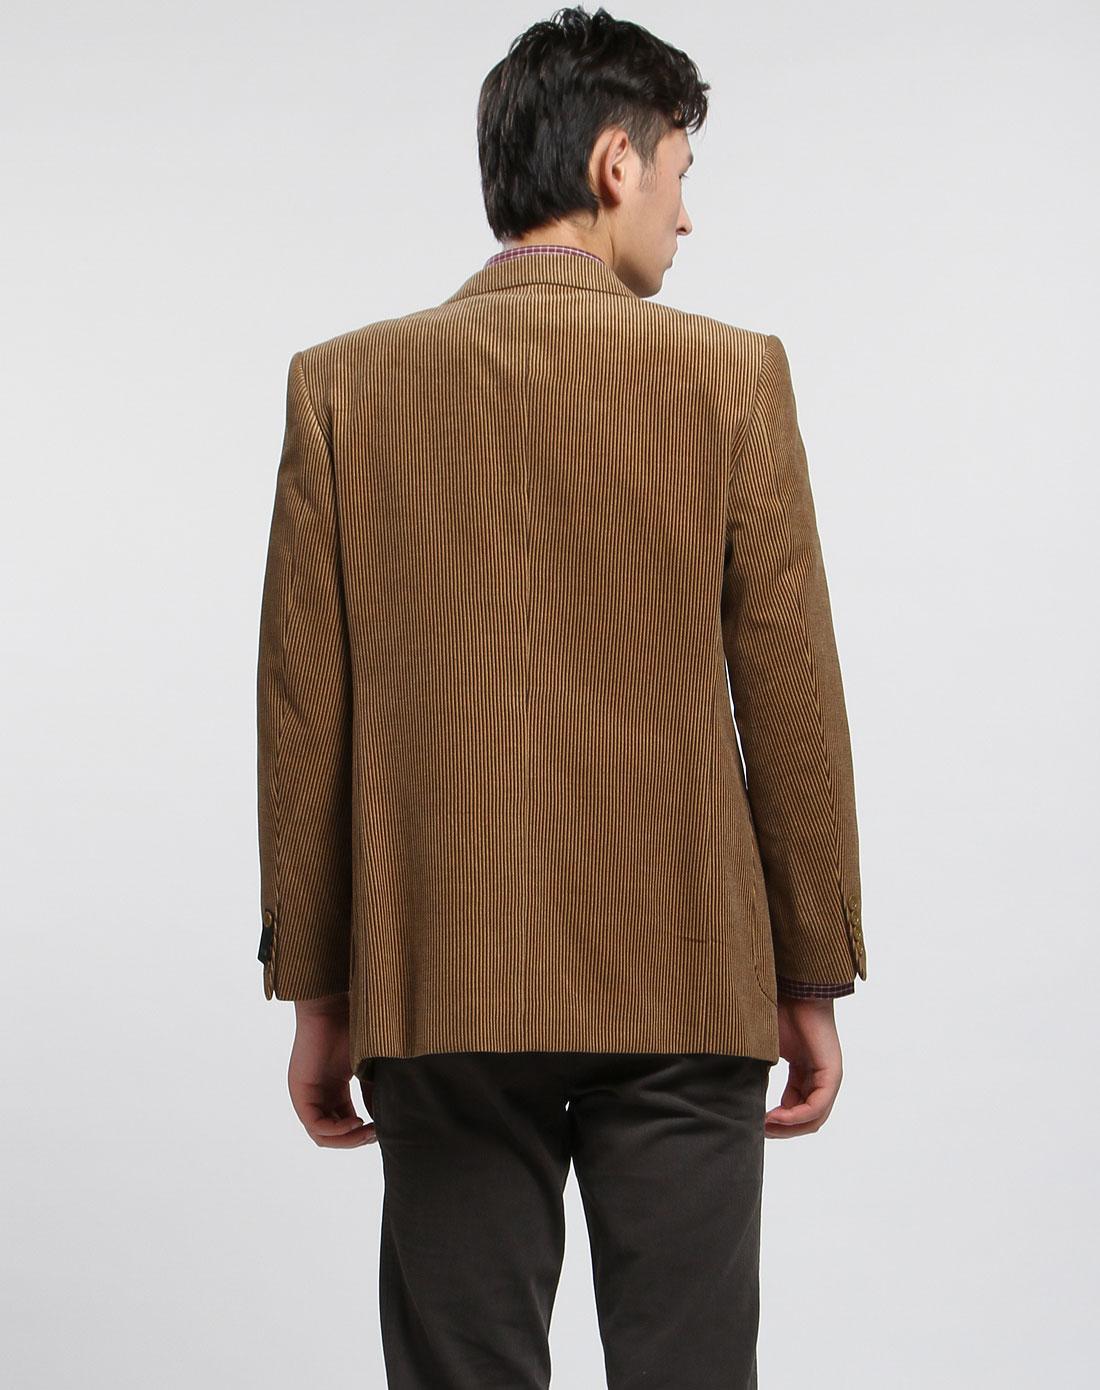 男款咖啡色竖条纹长袖西服上衣